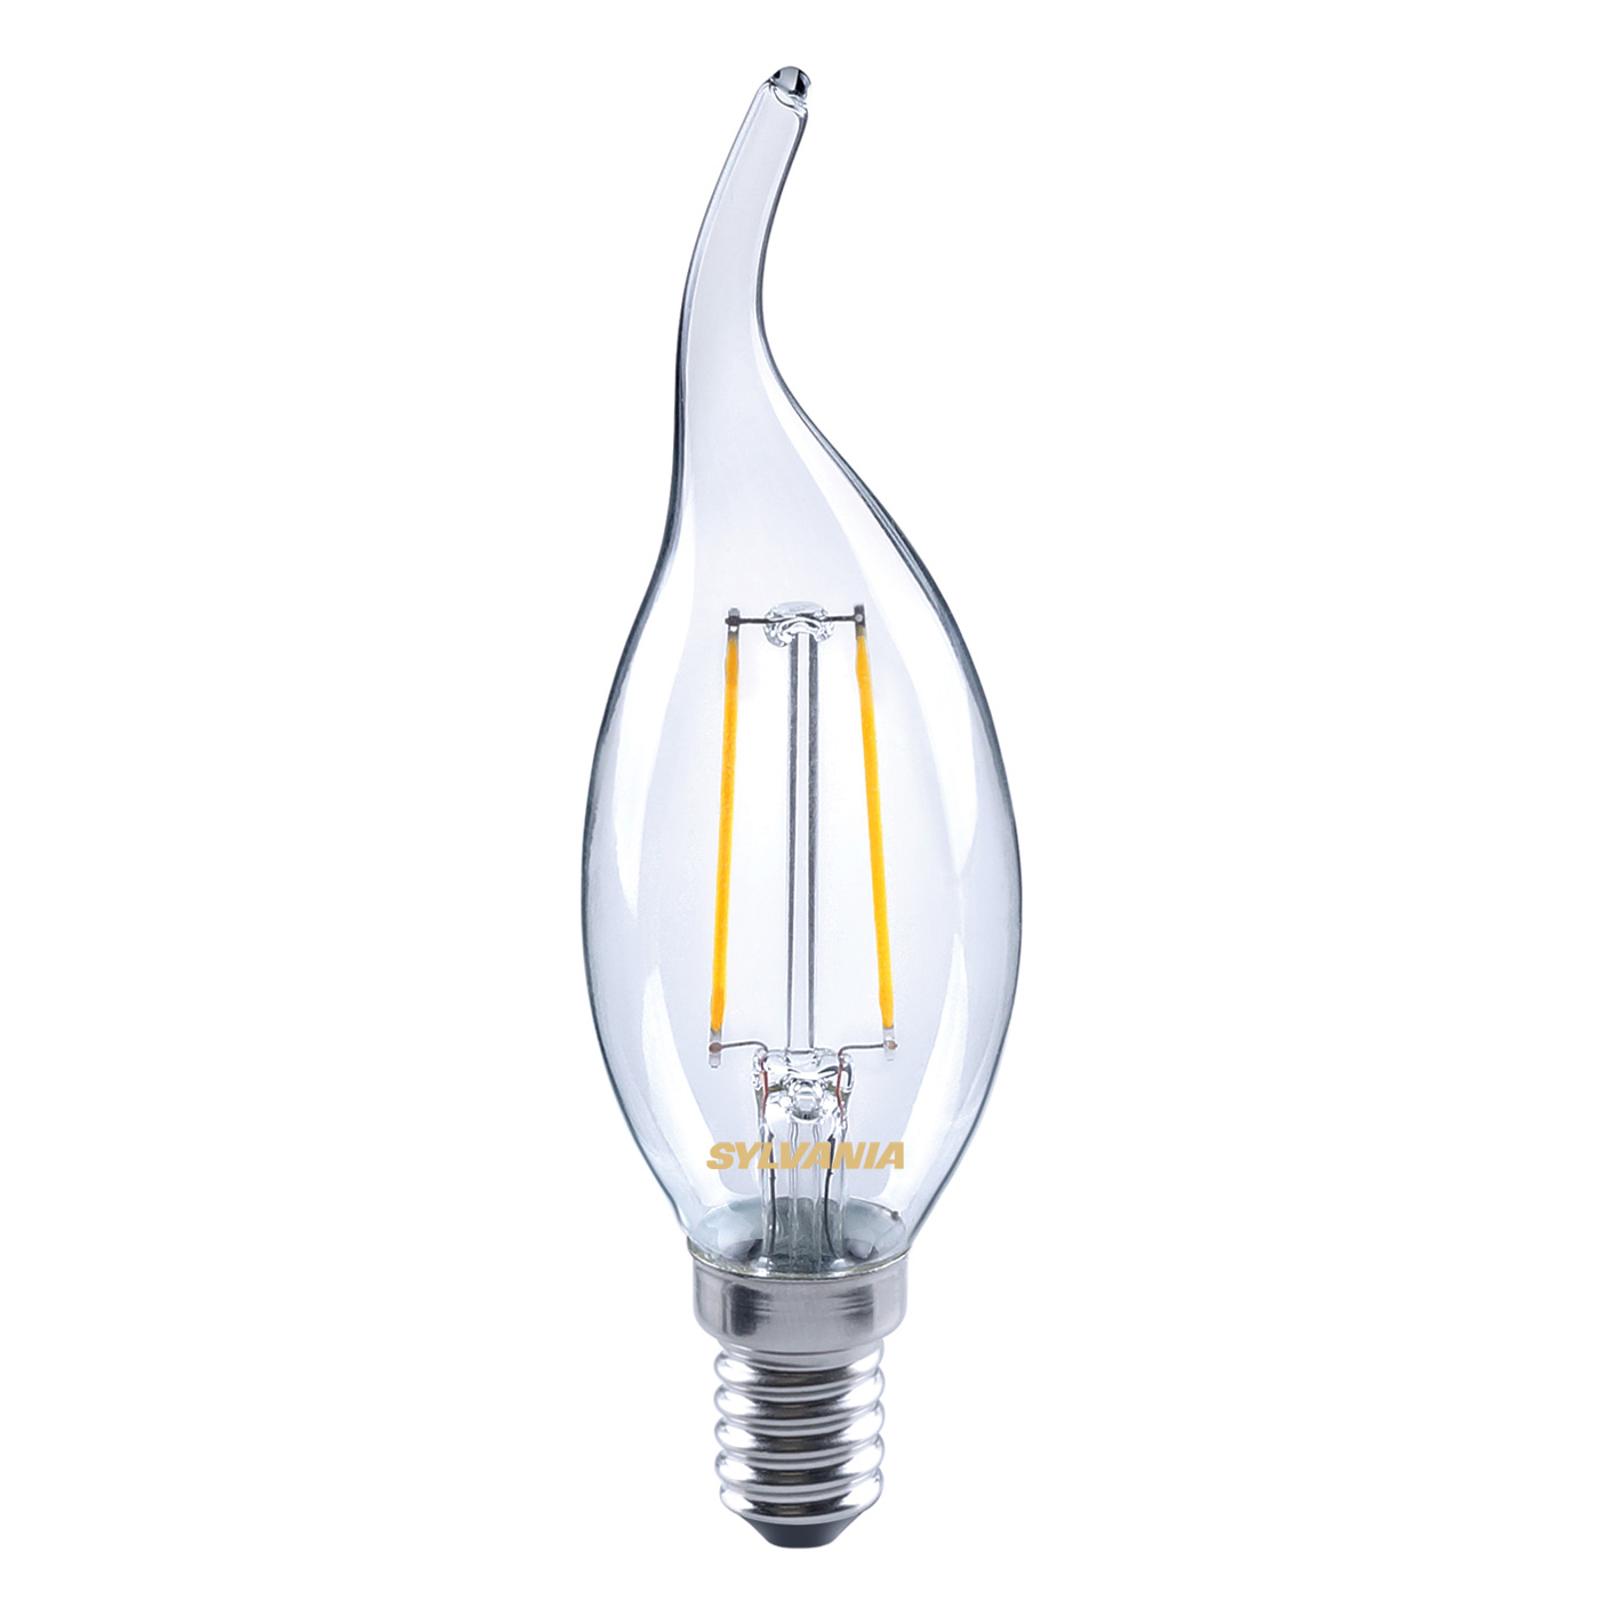 LED-Kerzenlampe E14 ToLEDo 2,5W 827 klar, Windstoß